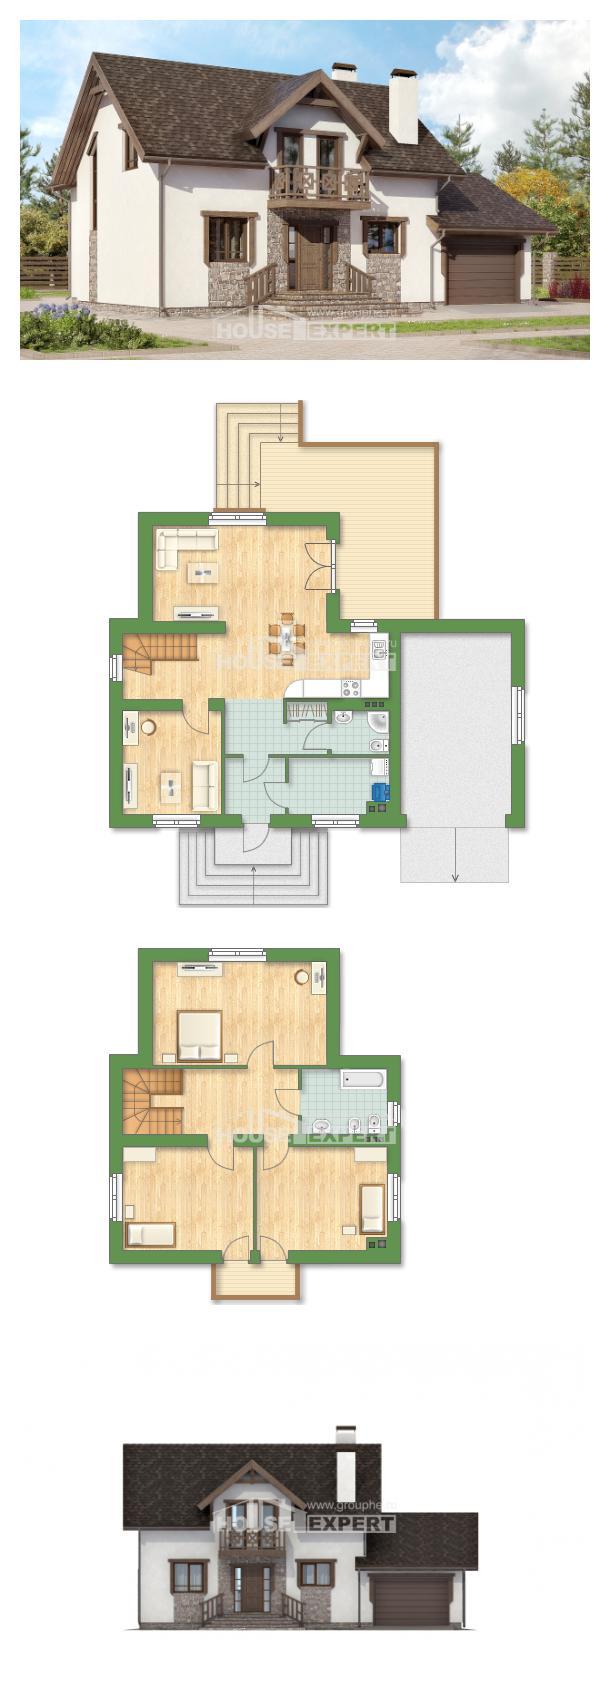 Plan 180-013-R | House Expert